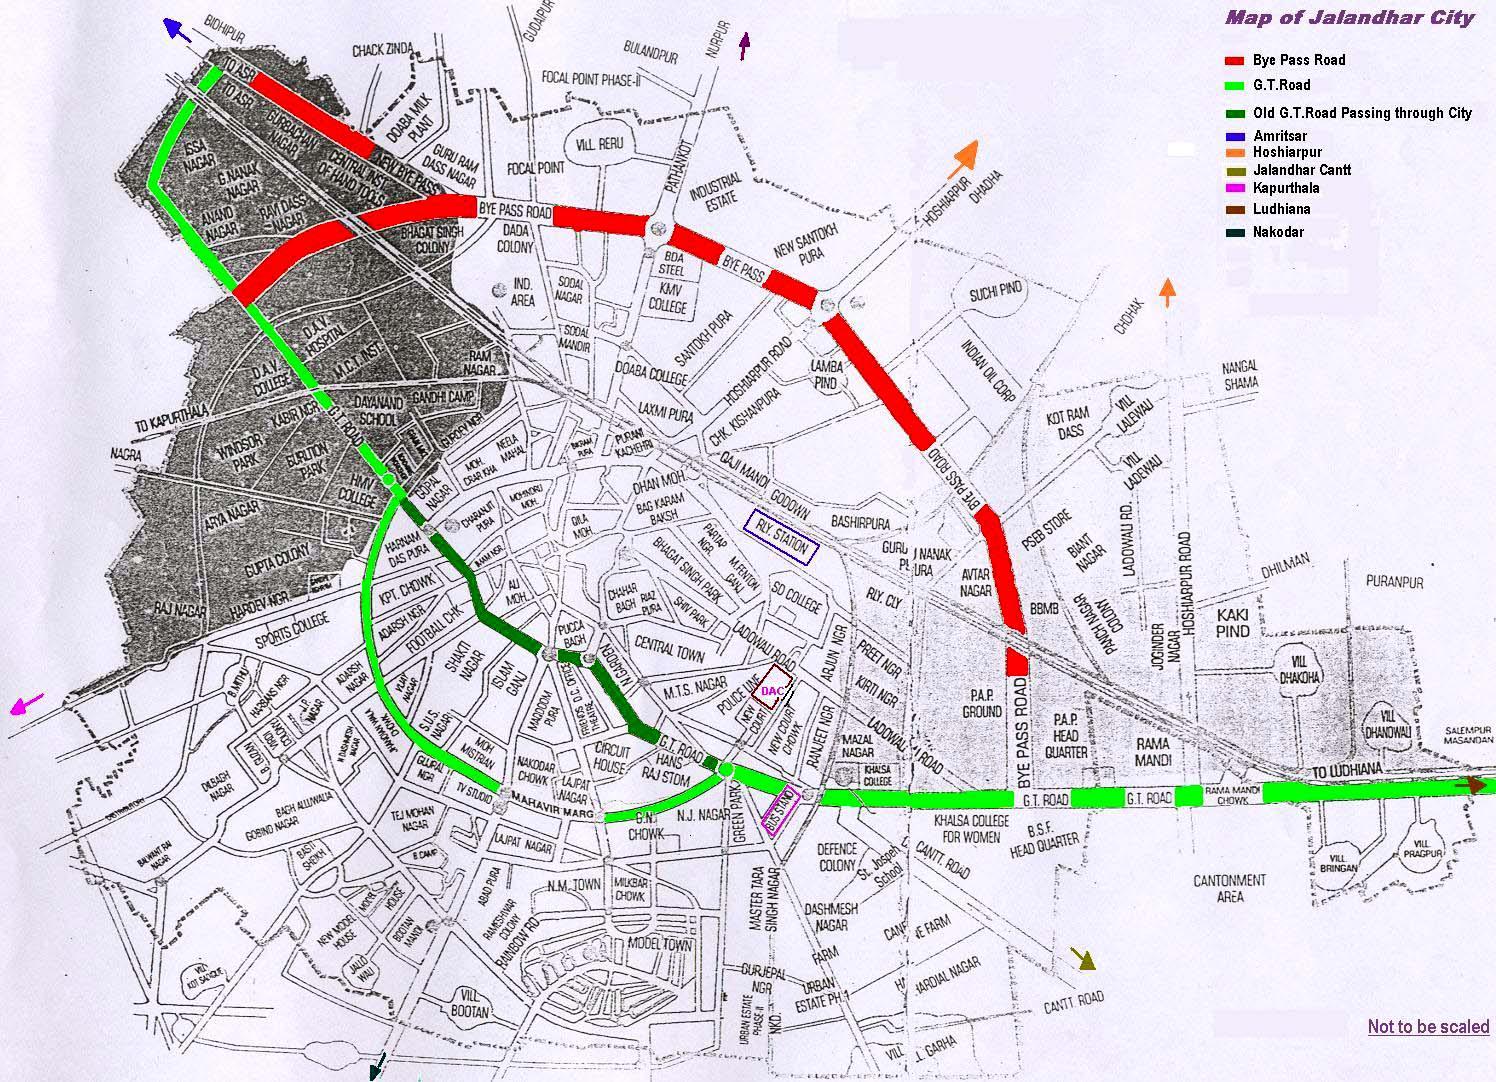 Jalandhar City Map Jalandhar India mappery